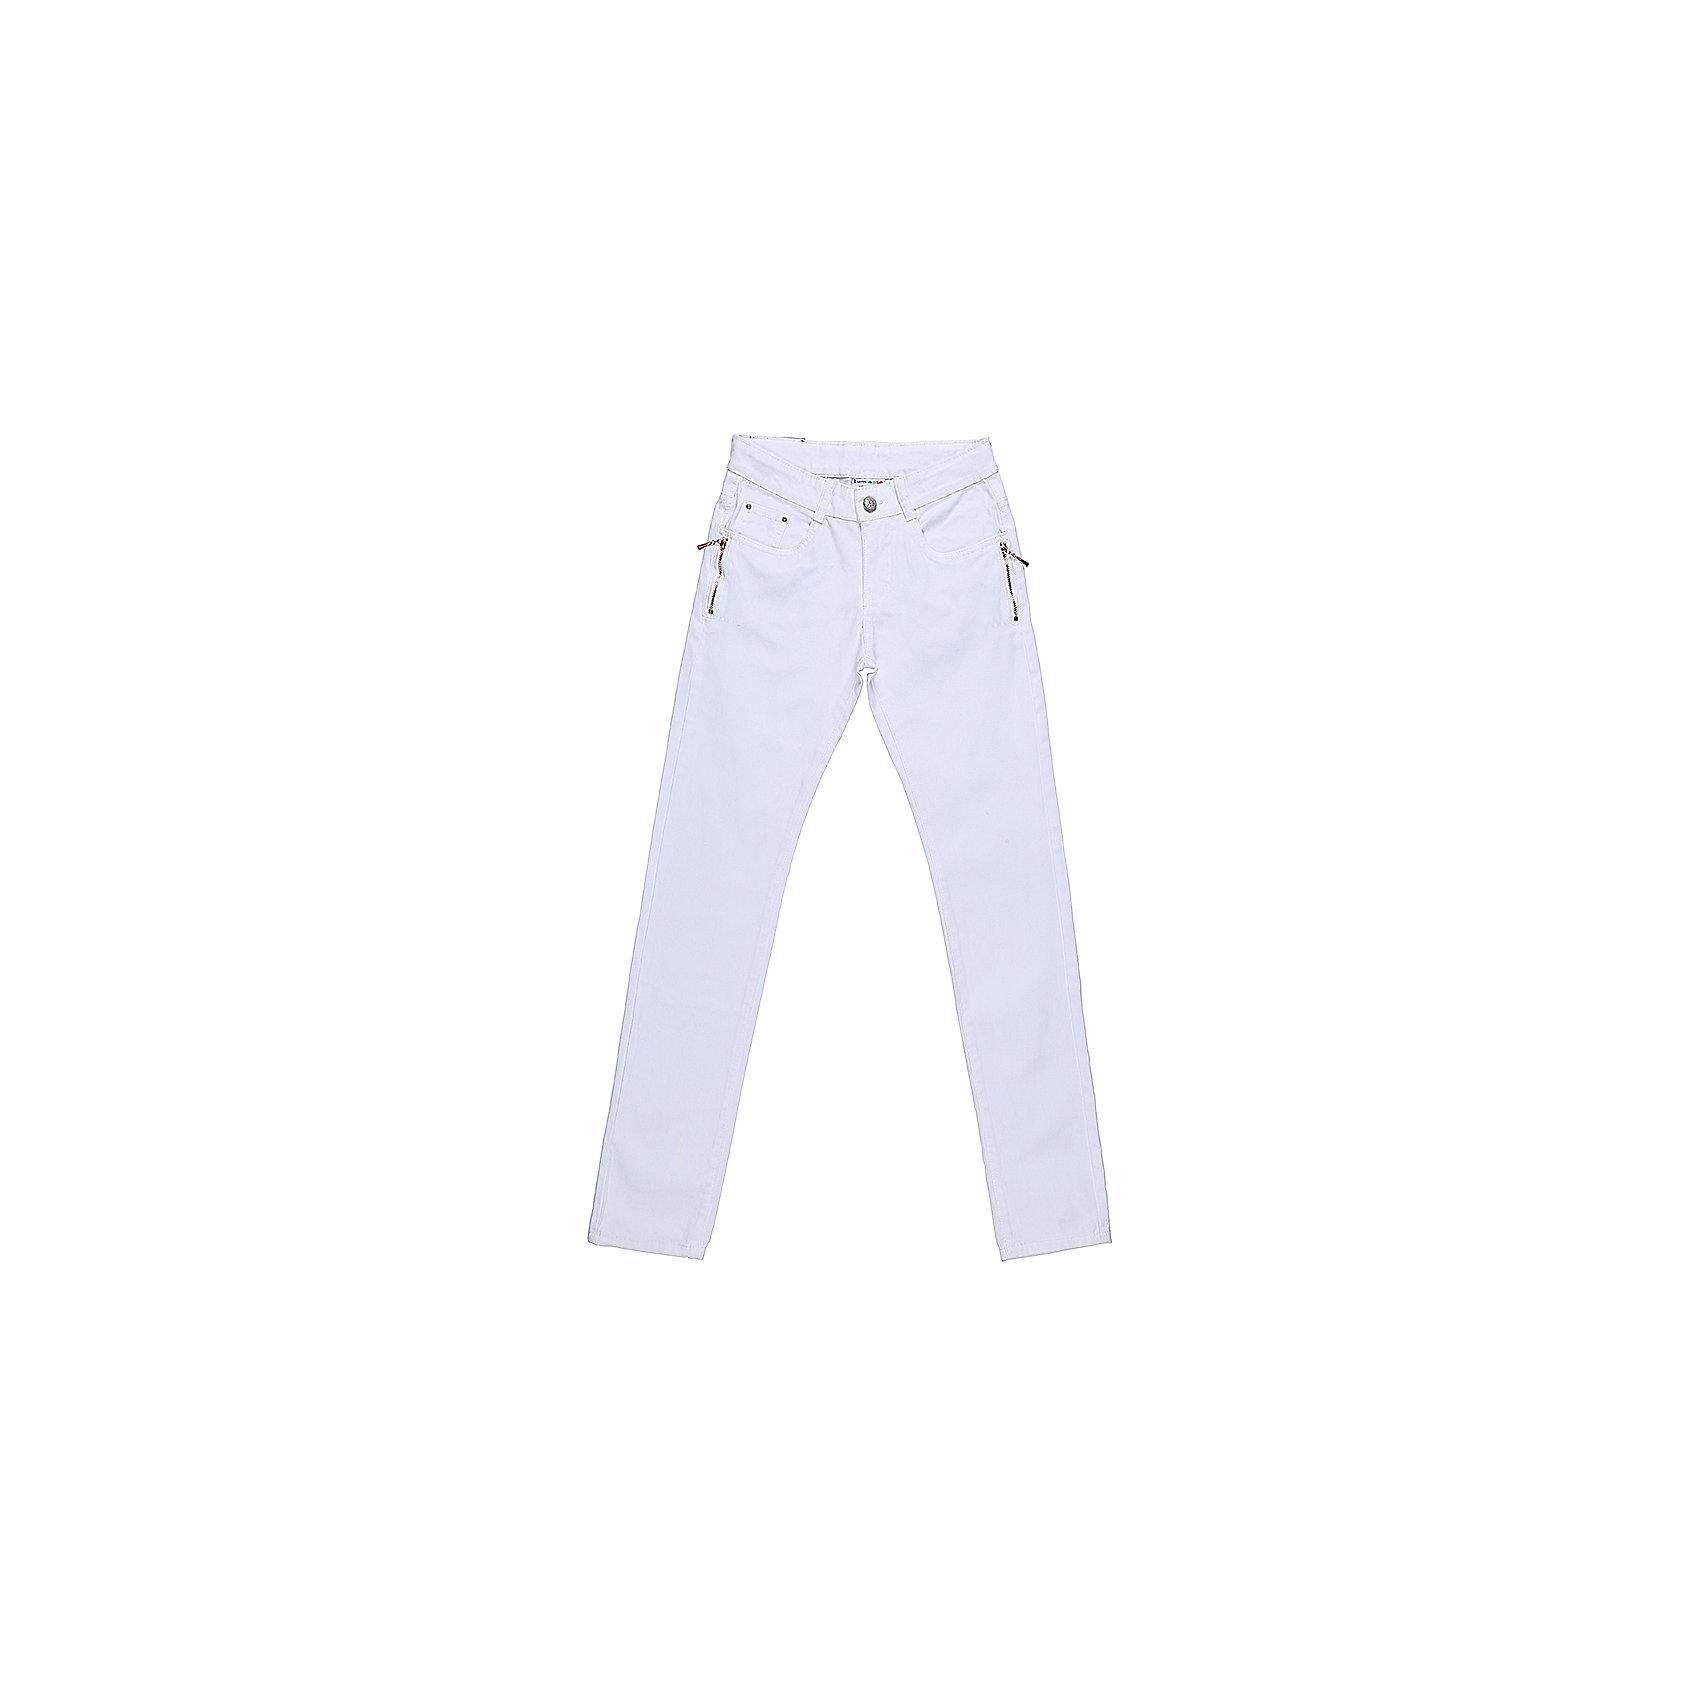 Брюки для девочки LuminosoБрюки<br>Белые джинсовые брюки для девочки Декорированые двумя молниями по бокам карманов. Зауженный крой. Застегиваются на молнию и пуговицу. Шлевки на поясе рассчитаны под ремень. В боковой части пояса находятся вшитые эластичные ленты, регулирующие посадку по талии.<br>Состав:<br>98%хлопок 2%эластан<br><br>Ширина мм: 215<br>Глубина мм: 88<br>Высота мм: 191<br>Вес г: 336<br>Цвет: белый<br>Возраст от месяцев: 96<br>Возраст до месяцев: 108<br>Пол: Женский<br>Возраст: Детский<br>Размер: 134,140,146,152,158,164<br>SKU: 5413438